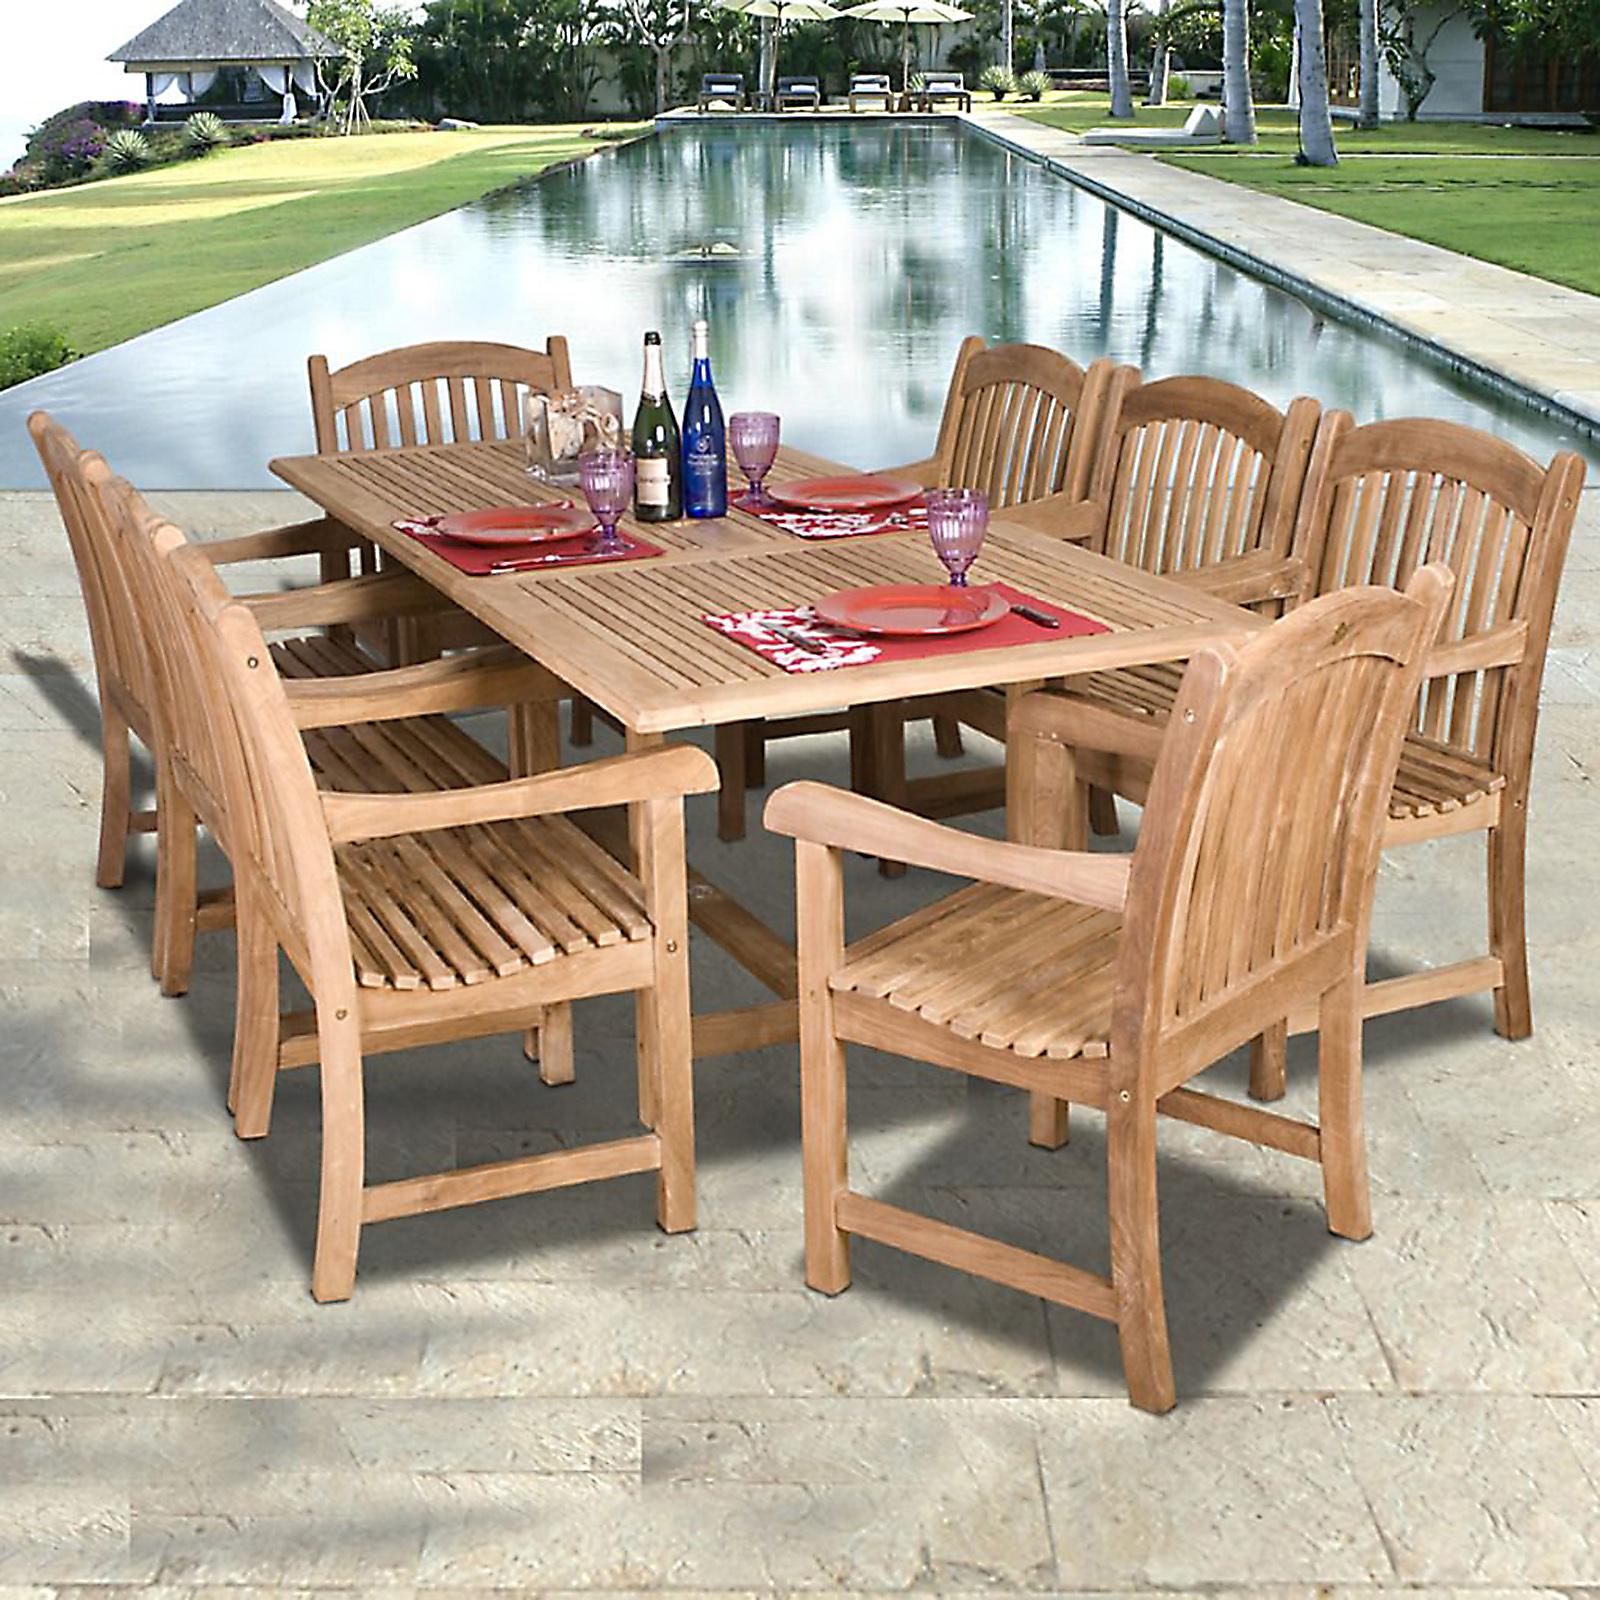 Mandalay 9 Piece Teak Wood Patio Dining Set